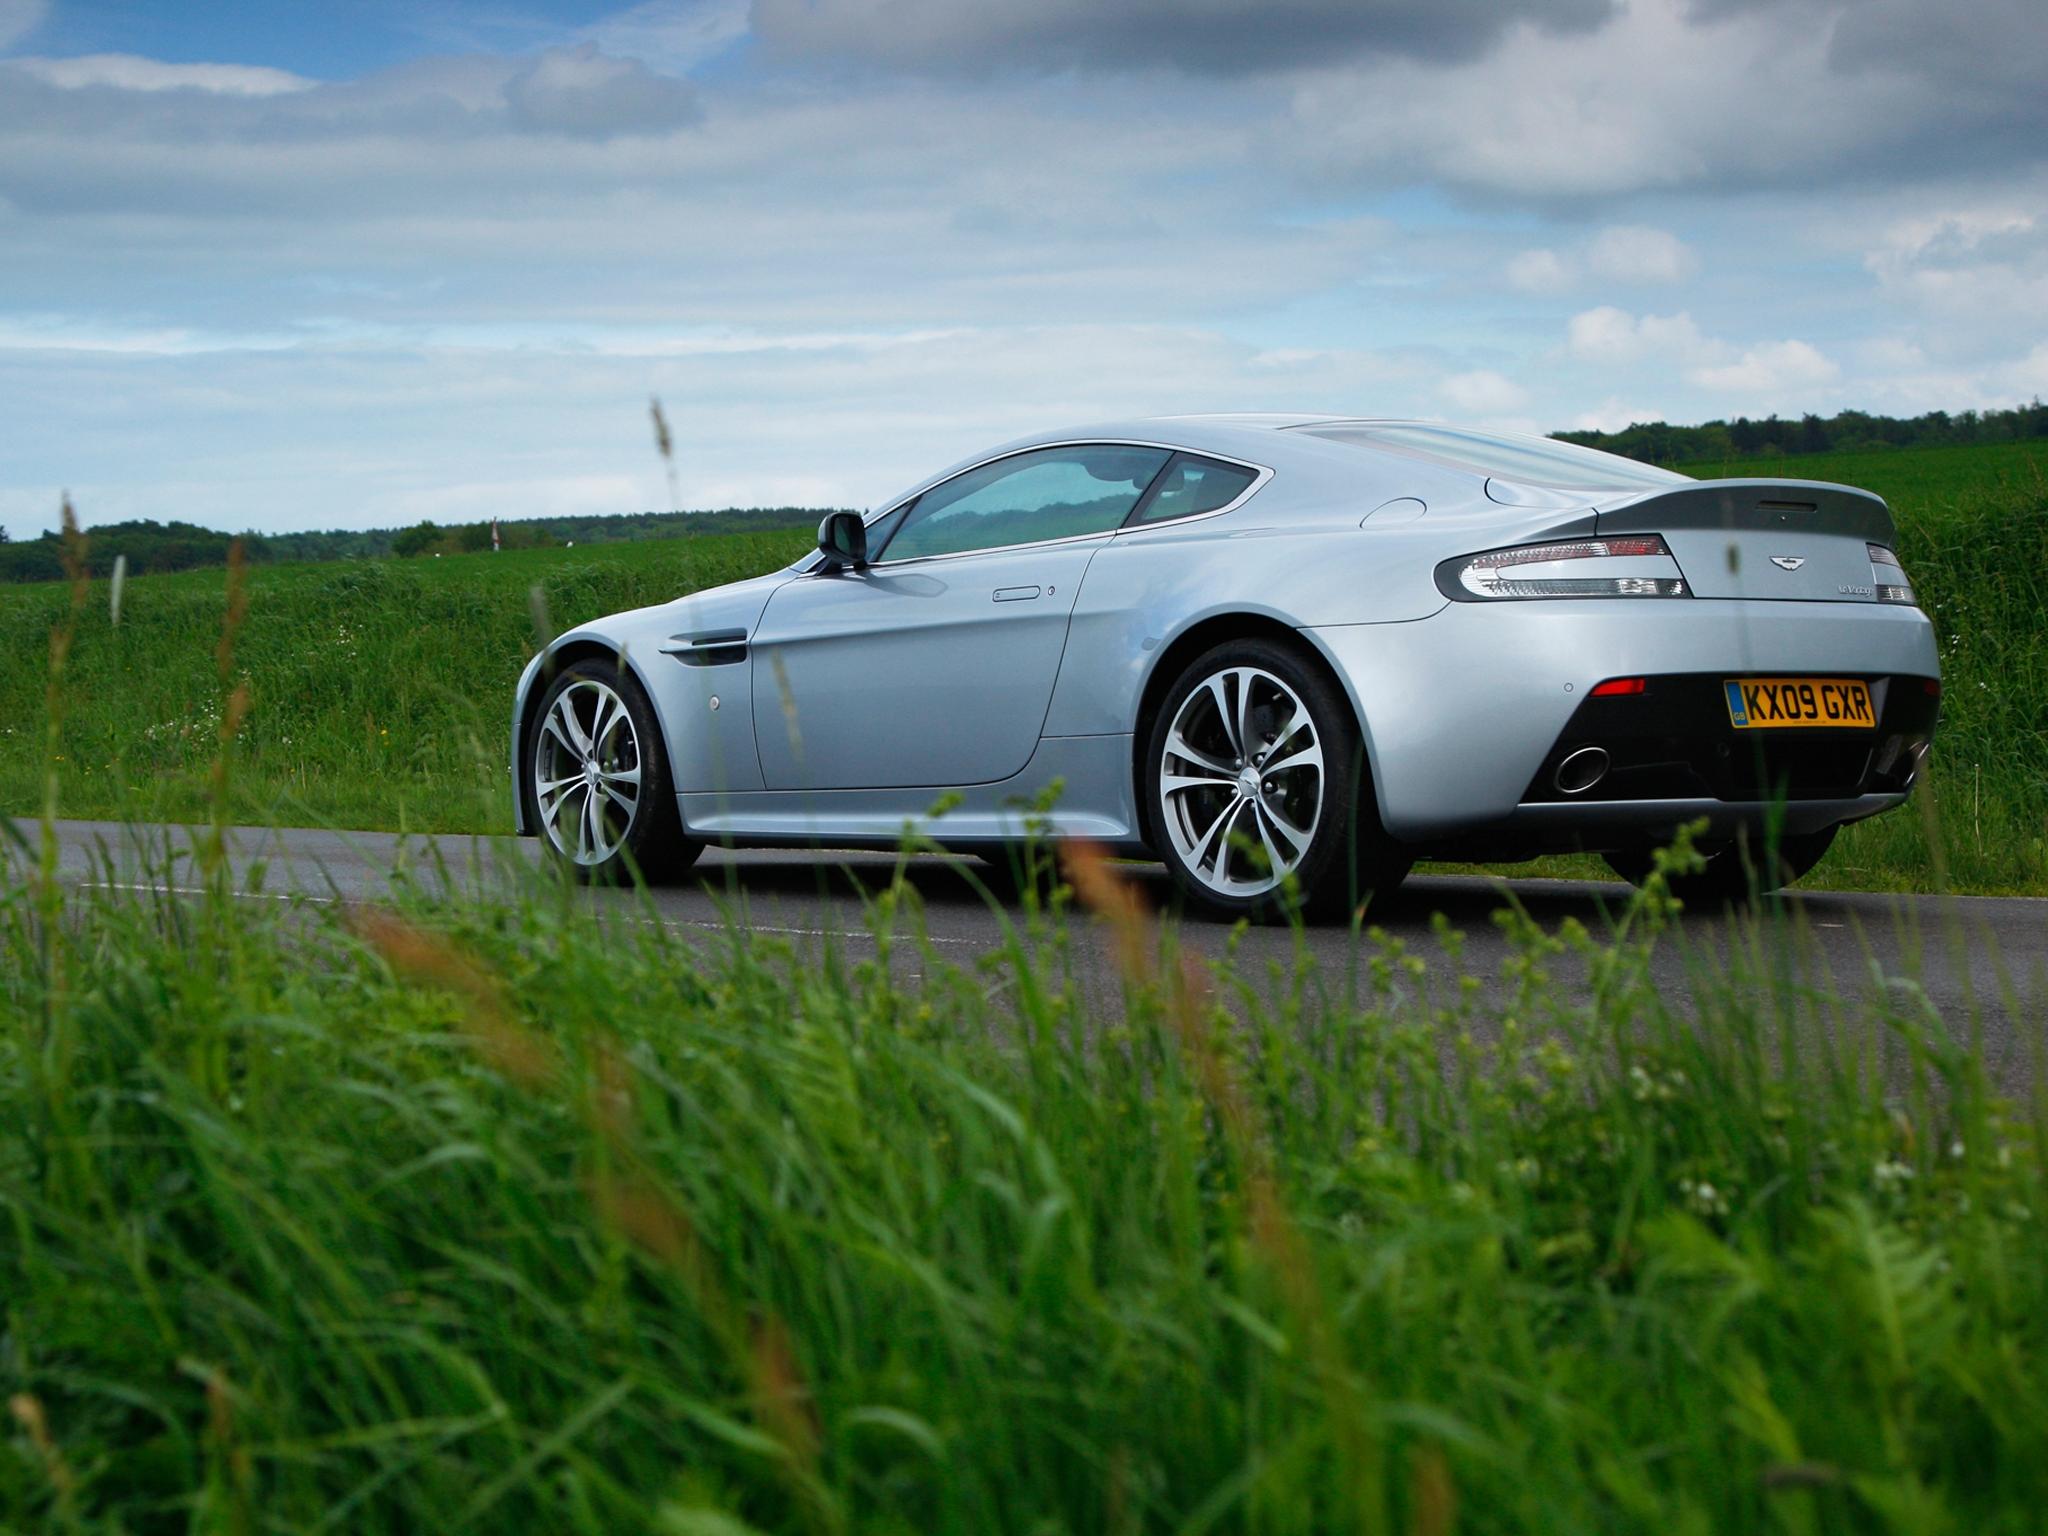 62348 скачать обои Спорт, Машины, Трава, Астон Мартин (Aston Martin), Тачки (Cars), Вид Сбоку, 2009, V12, Zagato, Серебрянный Металлик - заставки и картинки бесплатно